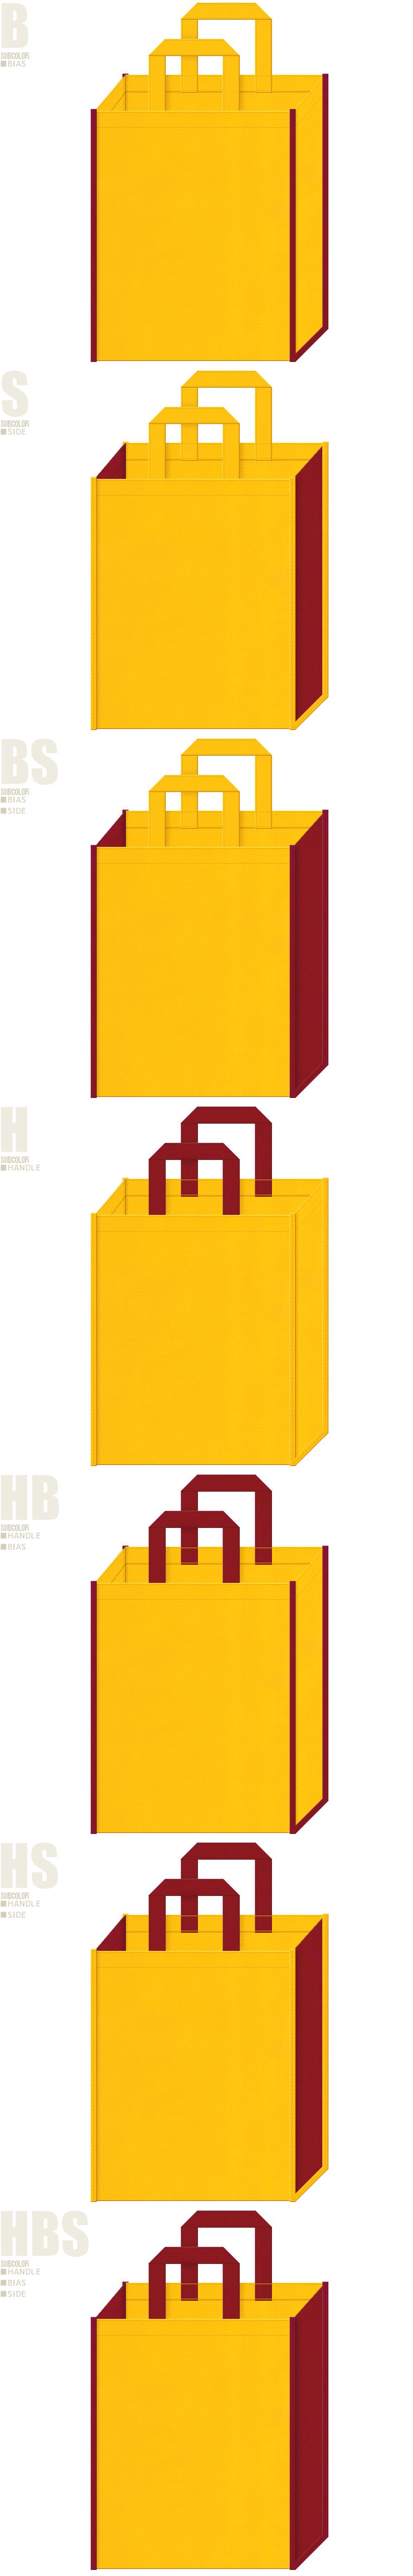 黄色とエンジ色、7パターンの不織布トートバッグ配色デザイン例。